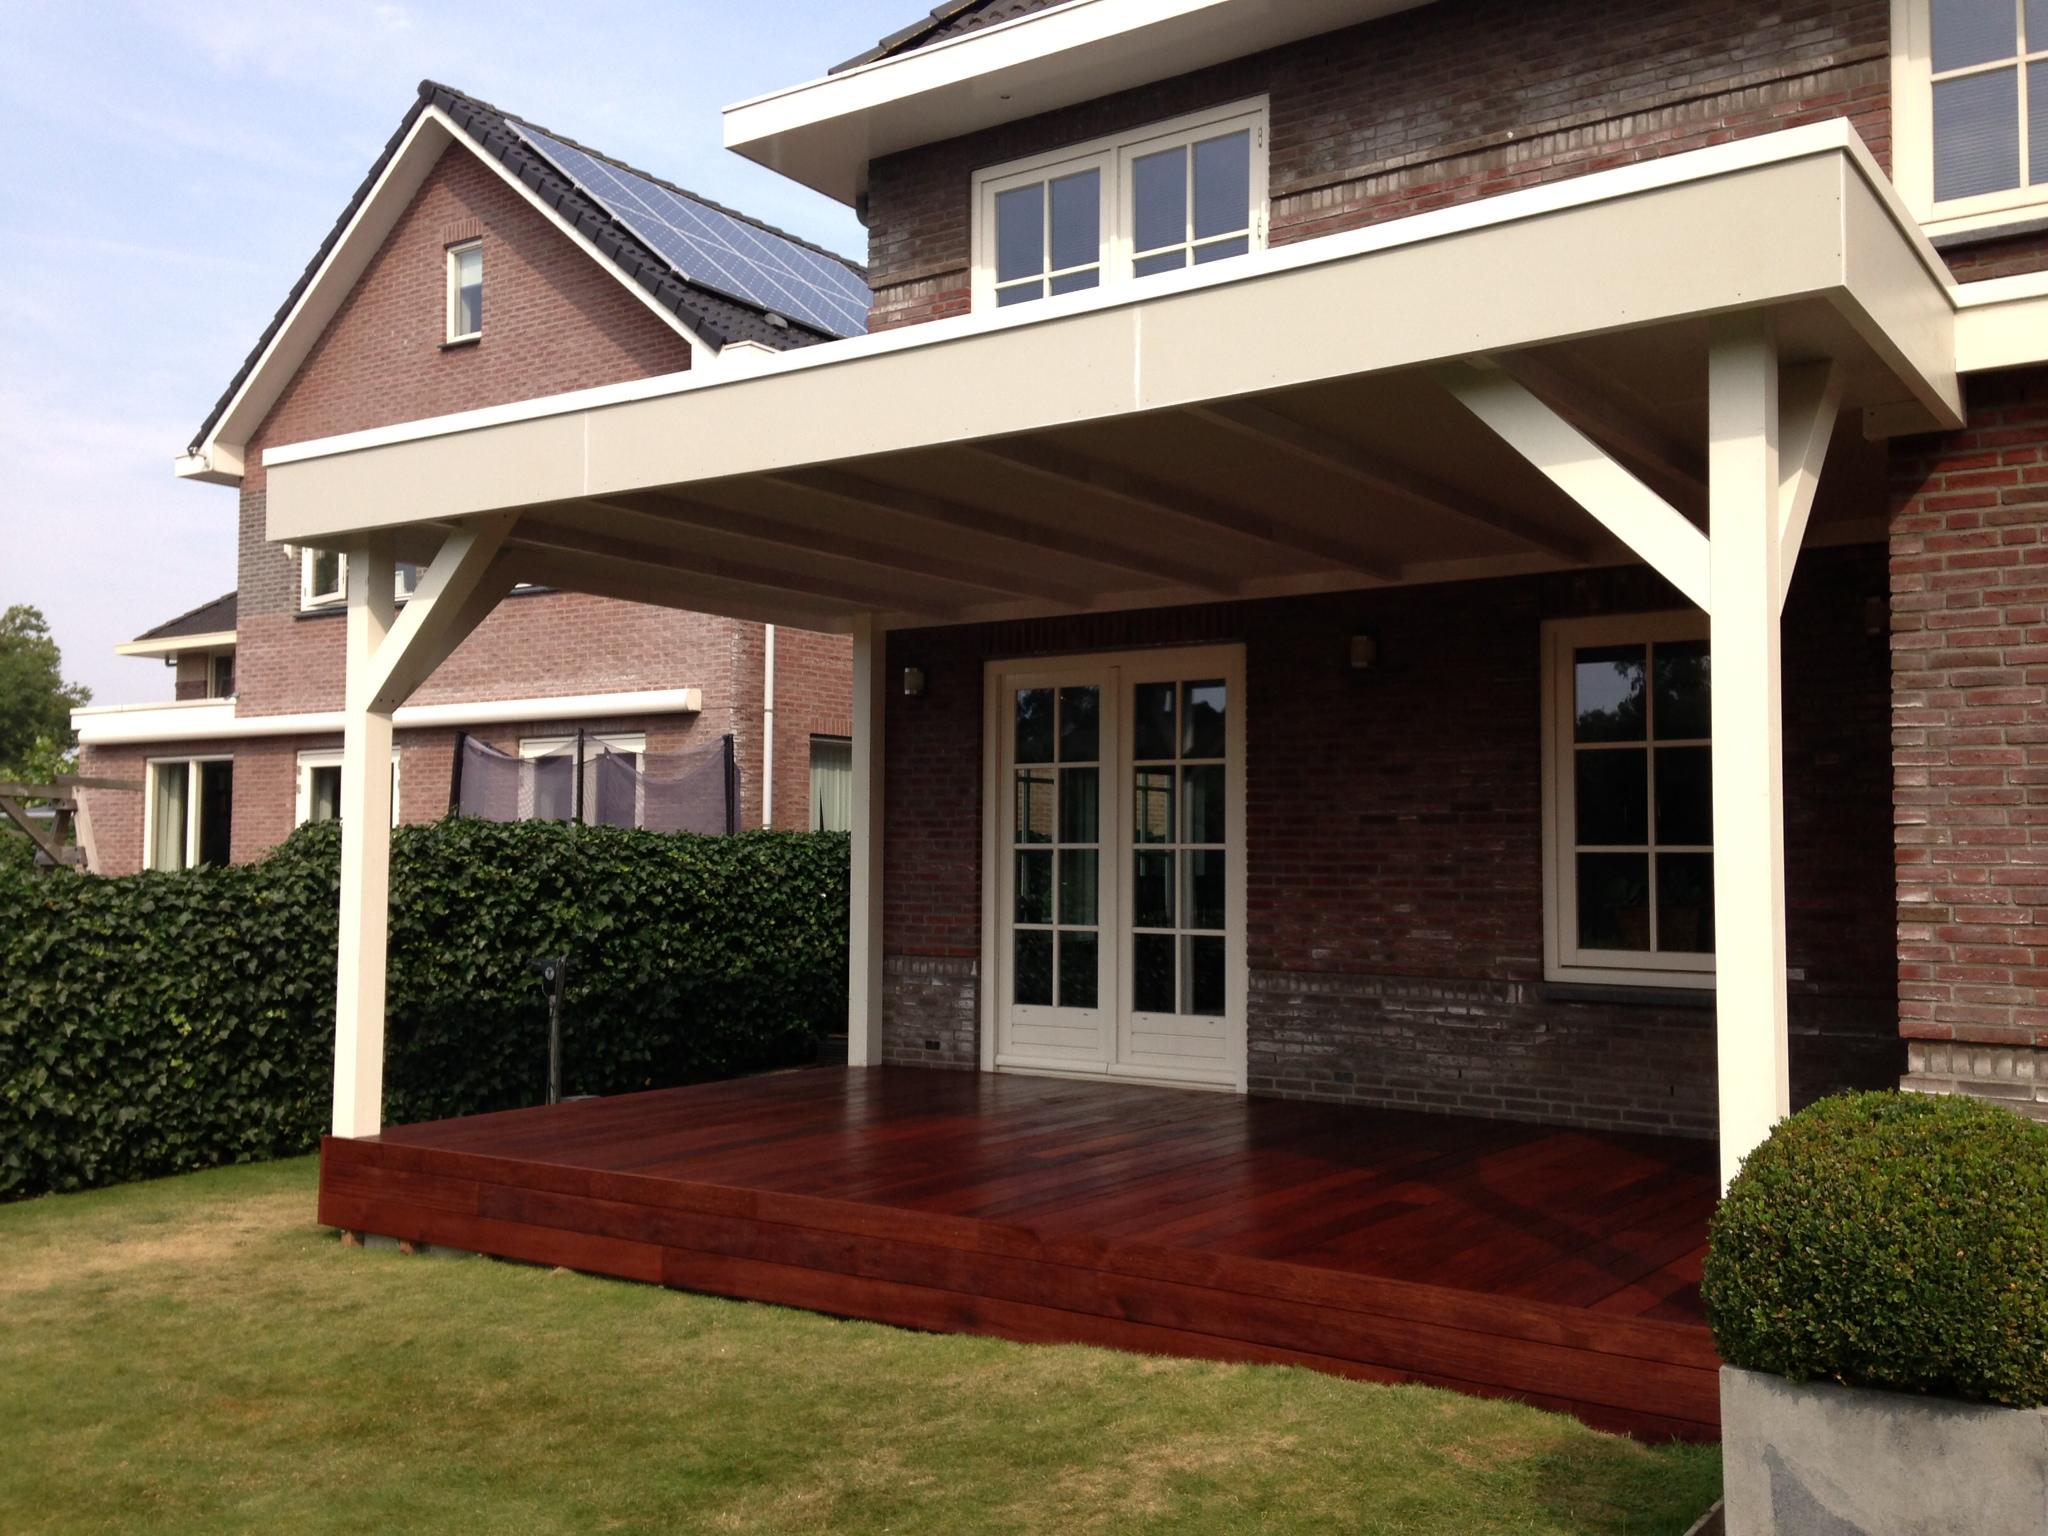 Duurzame veranda te vinkeveen - Te vergroten zijn huis met een veranda ...